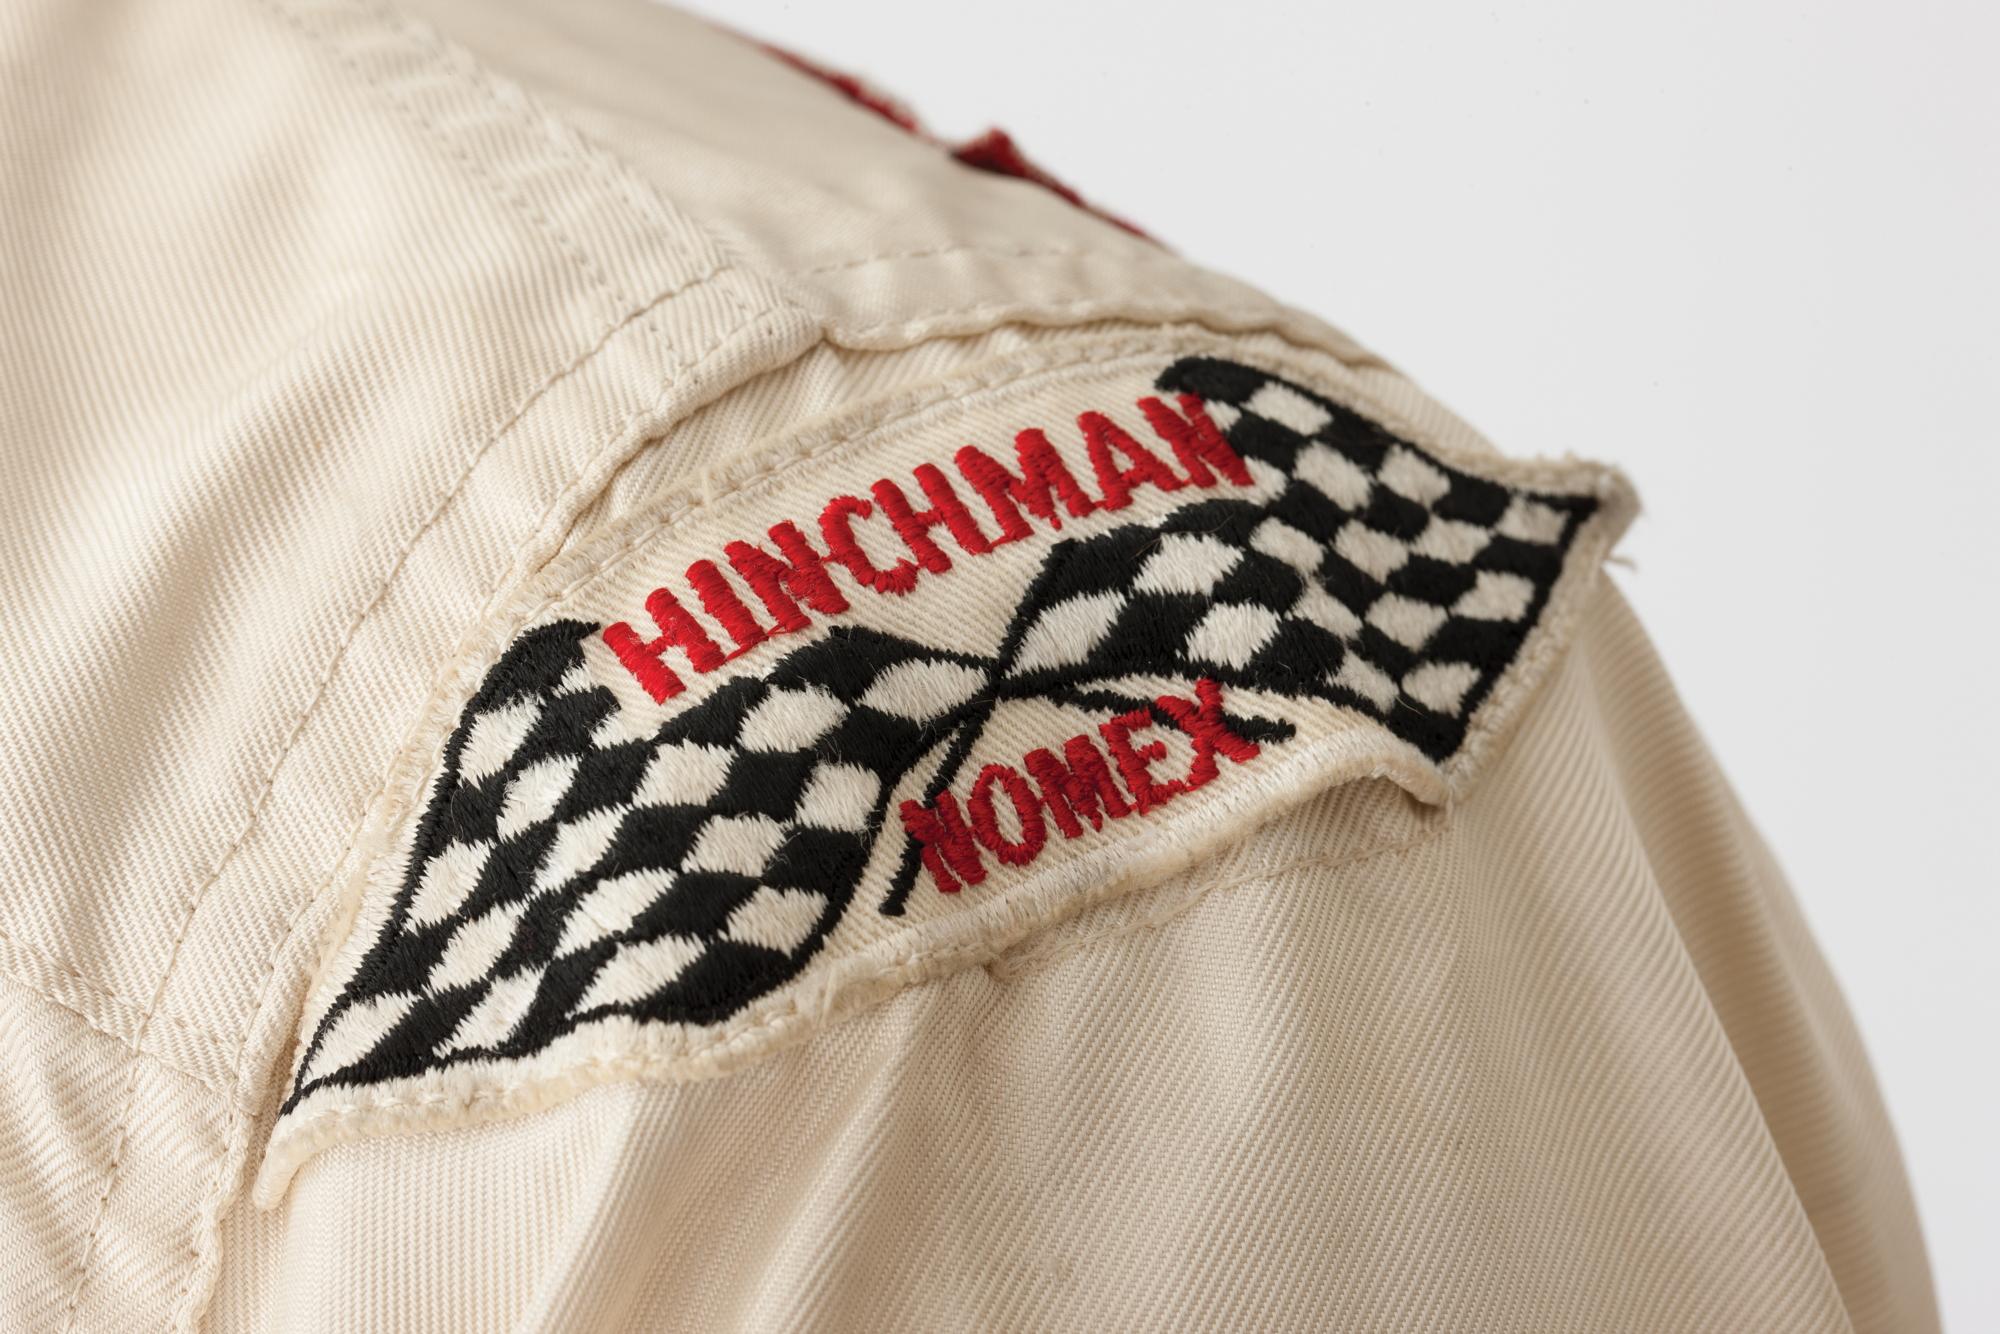 Steve McQueen Le Mans Hinchman overalls